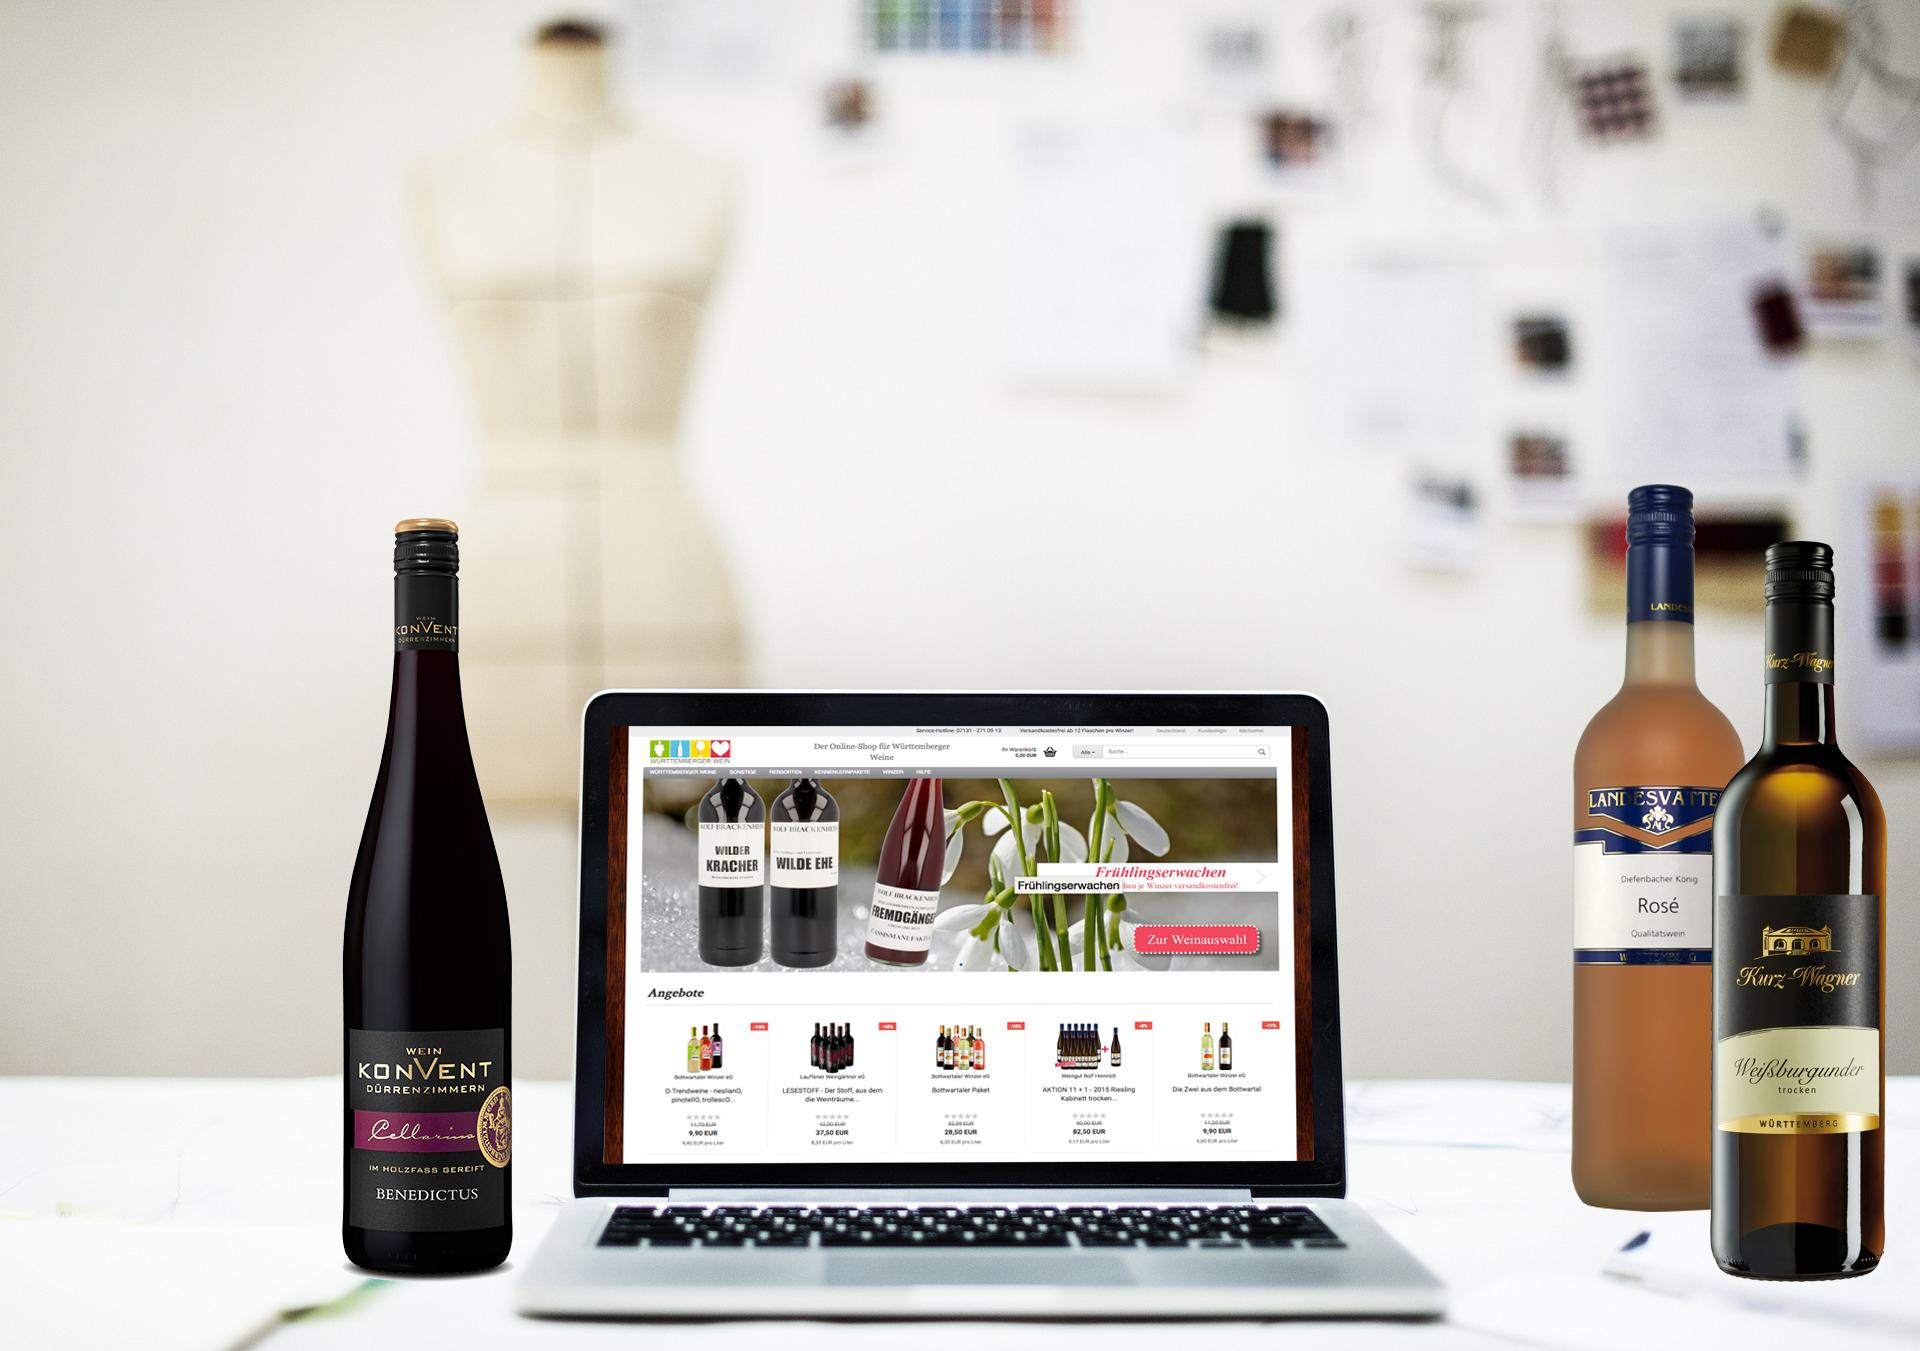 Der Online-Shop für Württemberger Weine